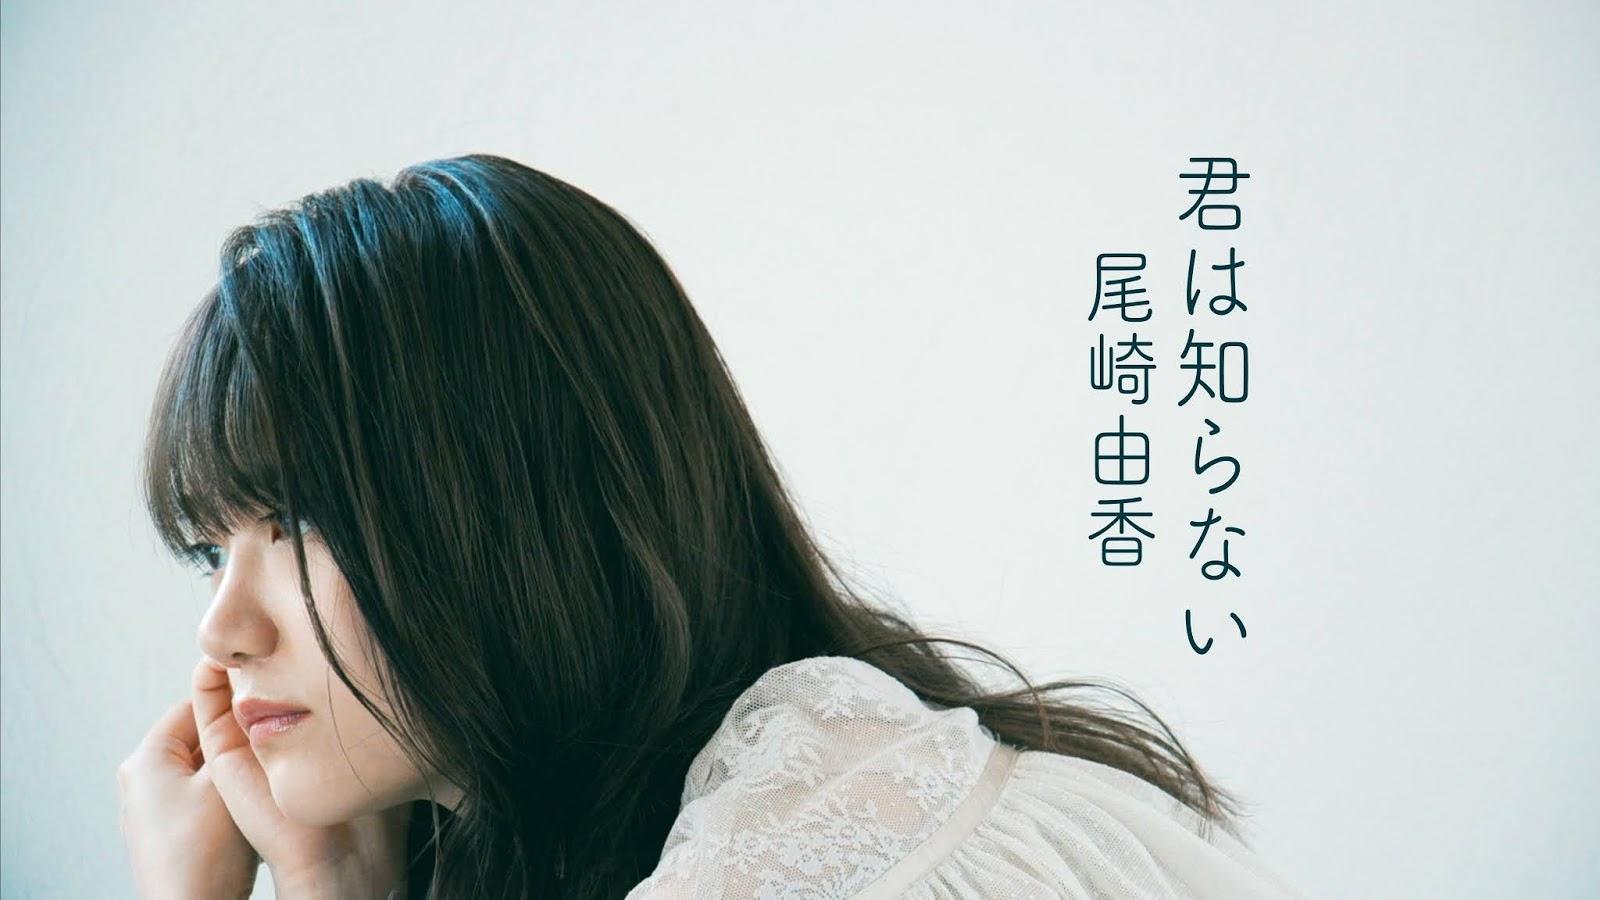 尾崎由香  Yuka Ozaki - 君は知らない [2020.07.08+AAC+RAR]